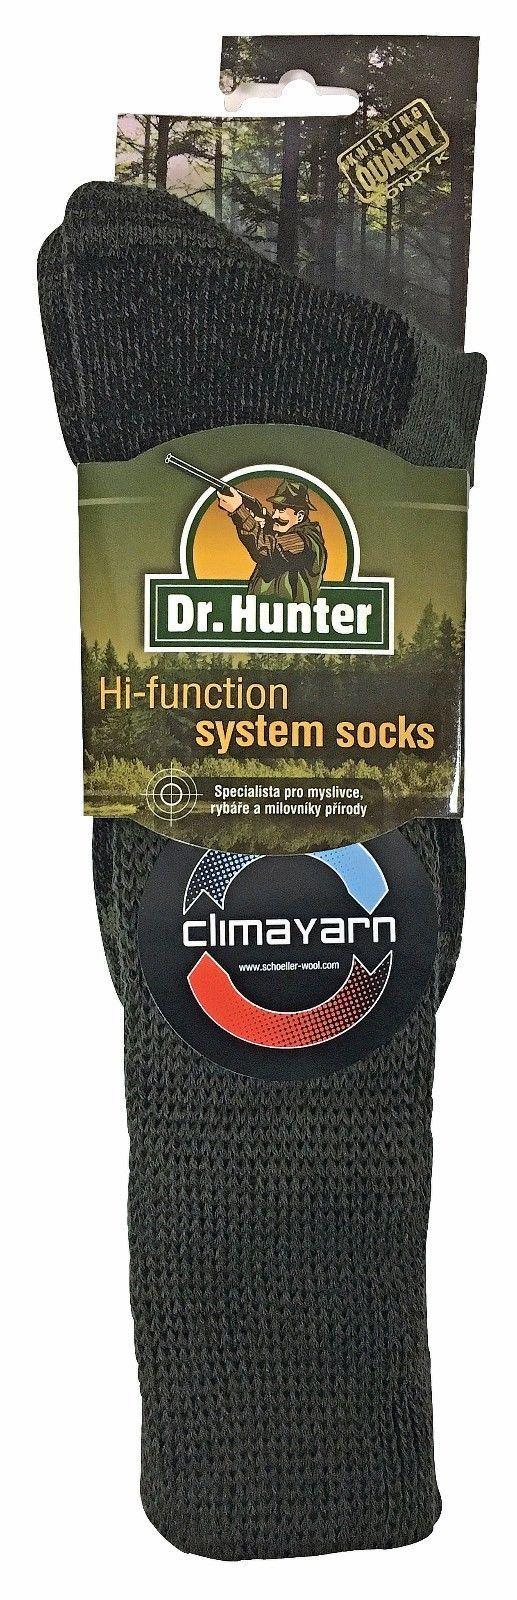 Dr Hunter  Homme Chaussettes Vertes Hautes Longues Laine Merinos sans Elastiques